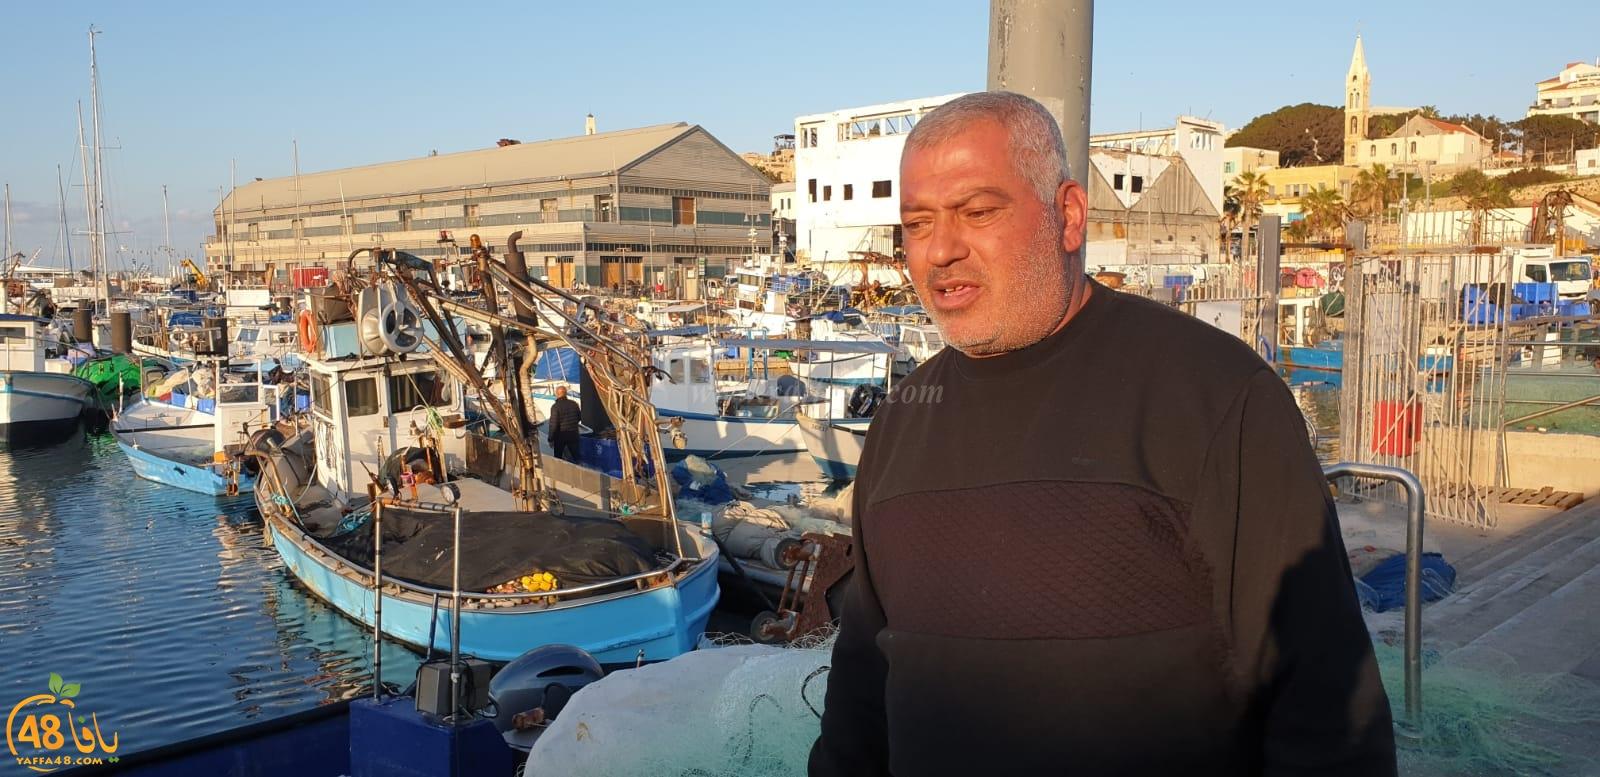 فيديو: صيادو يافا الأسماك نظيفة ولم تتعرض للتلوّث ووزارة الزراعة تُؤكد